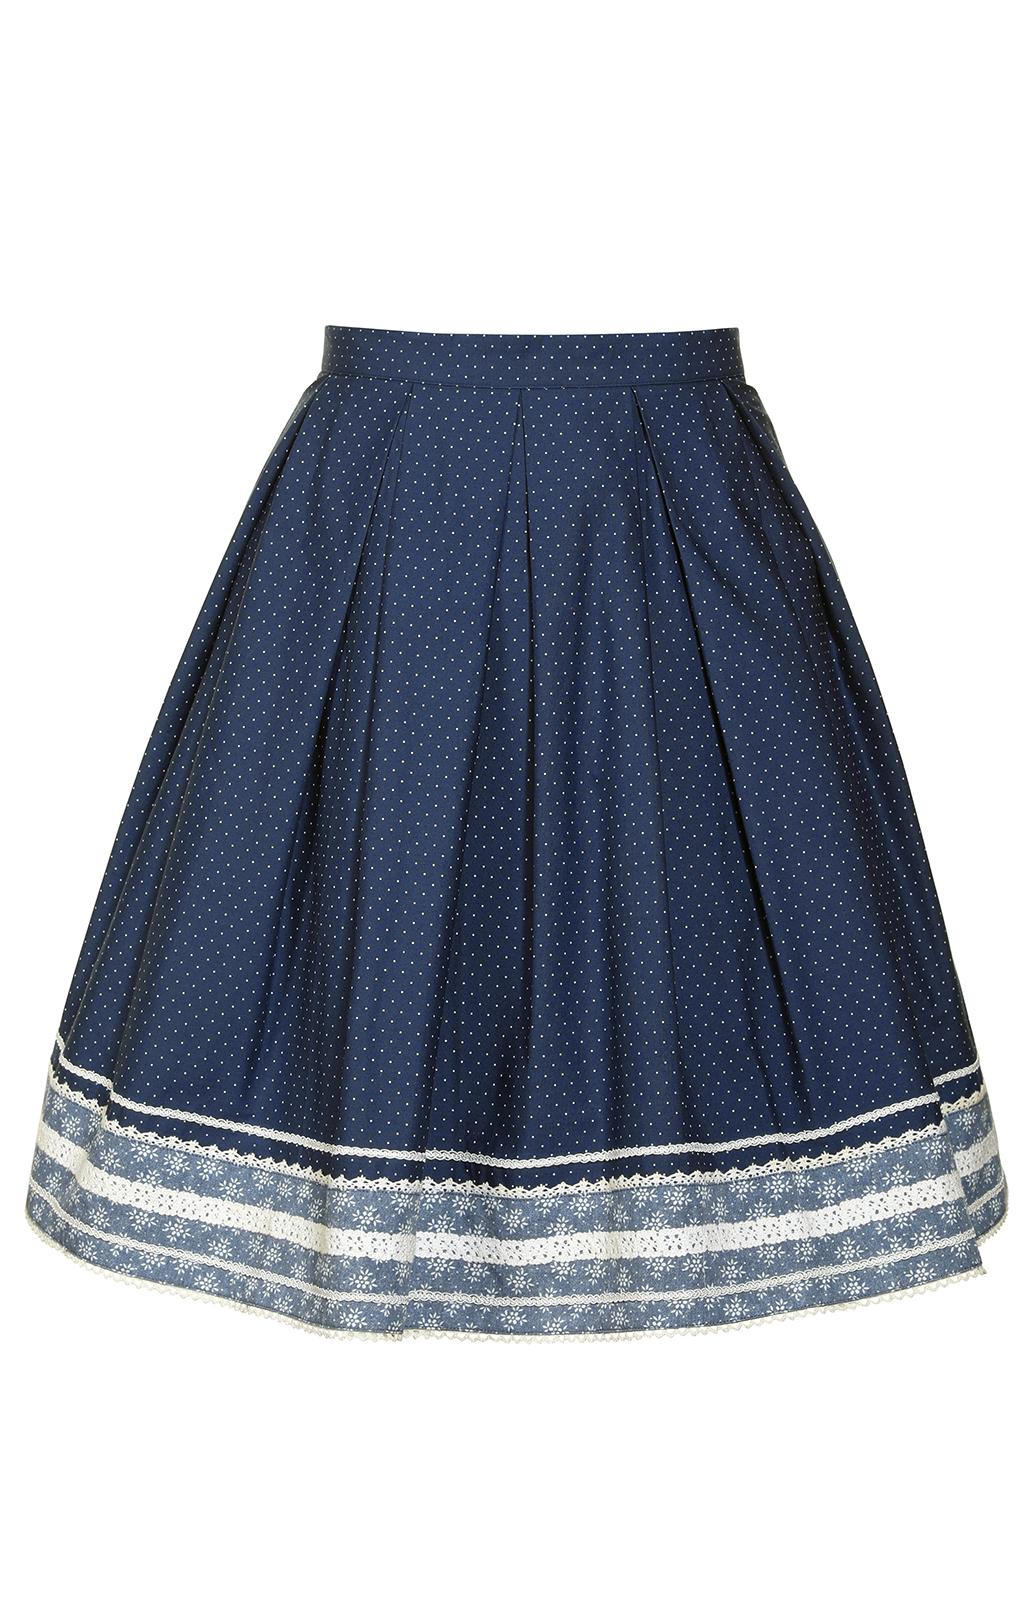 weitere Bilder von Traditional skirt blu